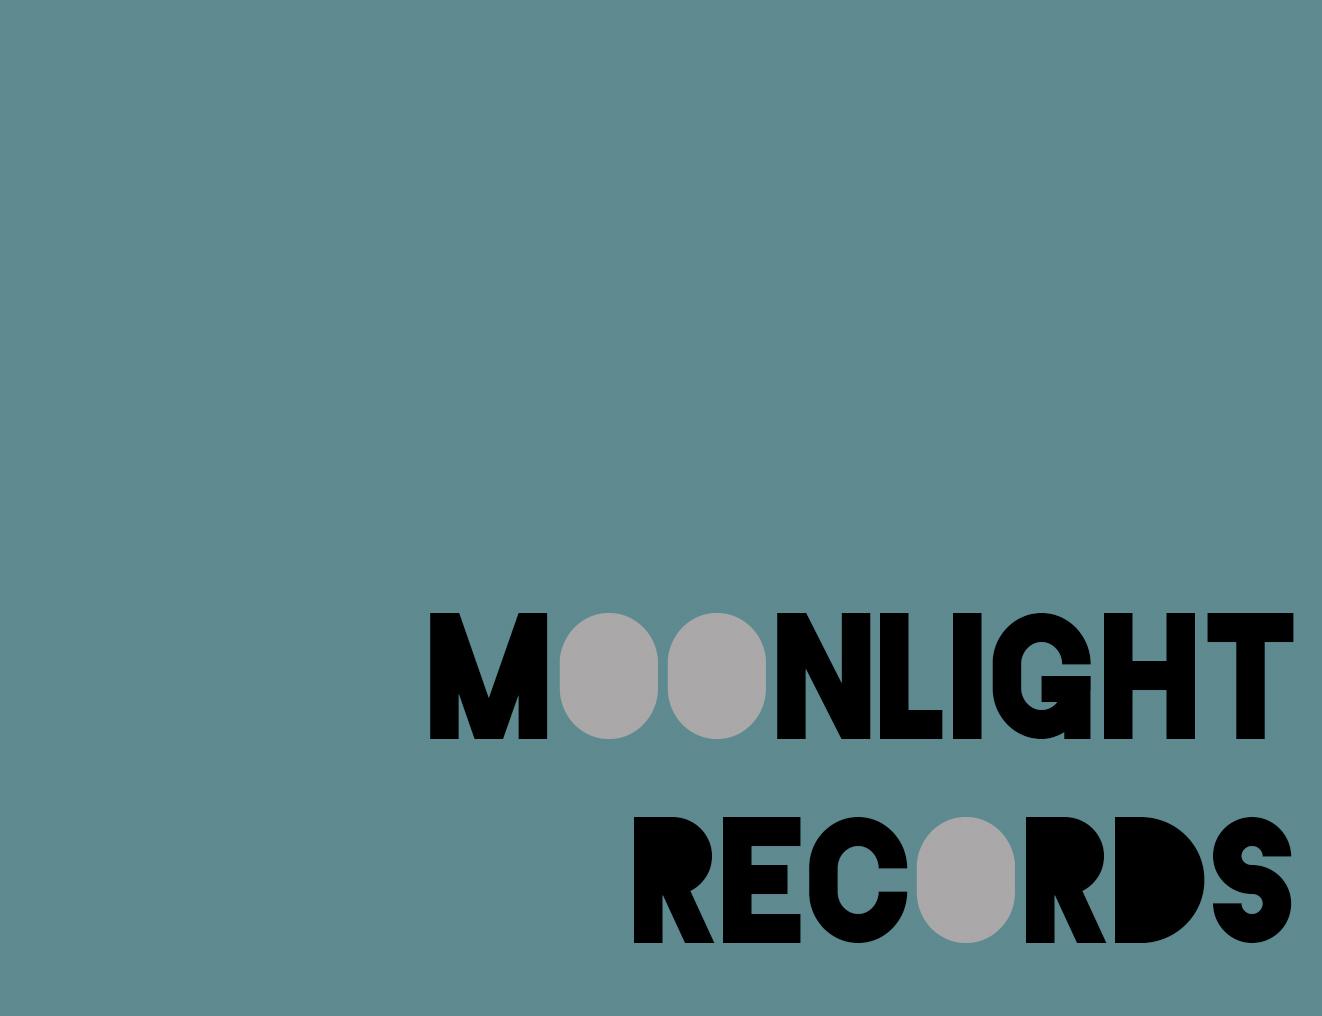 Moonlight Records logo